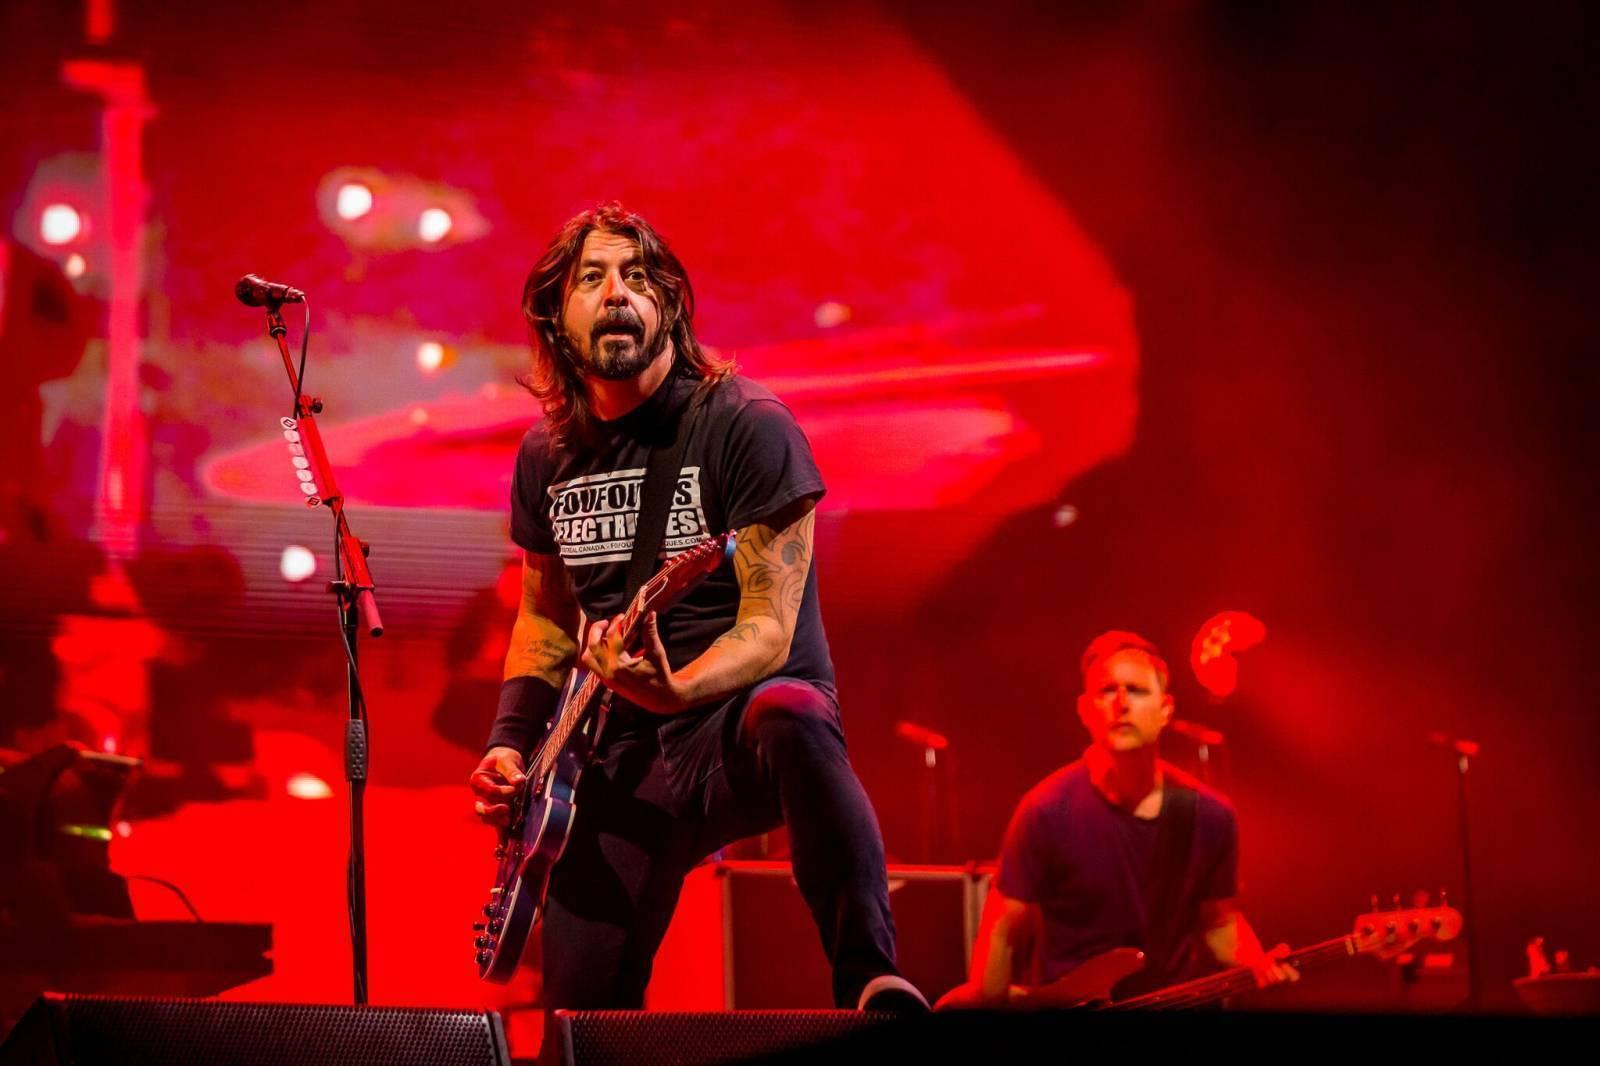 David Grohl z Foo Fighters natočil dokument What Drives Us. Vystupují v něm Ringo Starr, Brian Johnson, Slash, Lars Ulrich a další